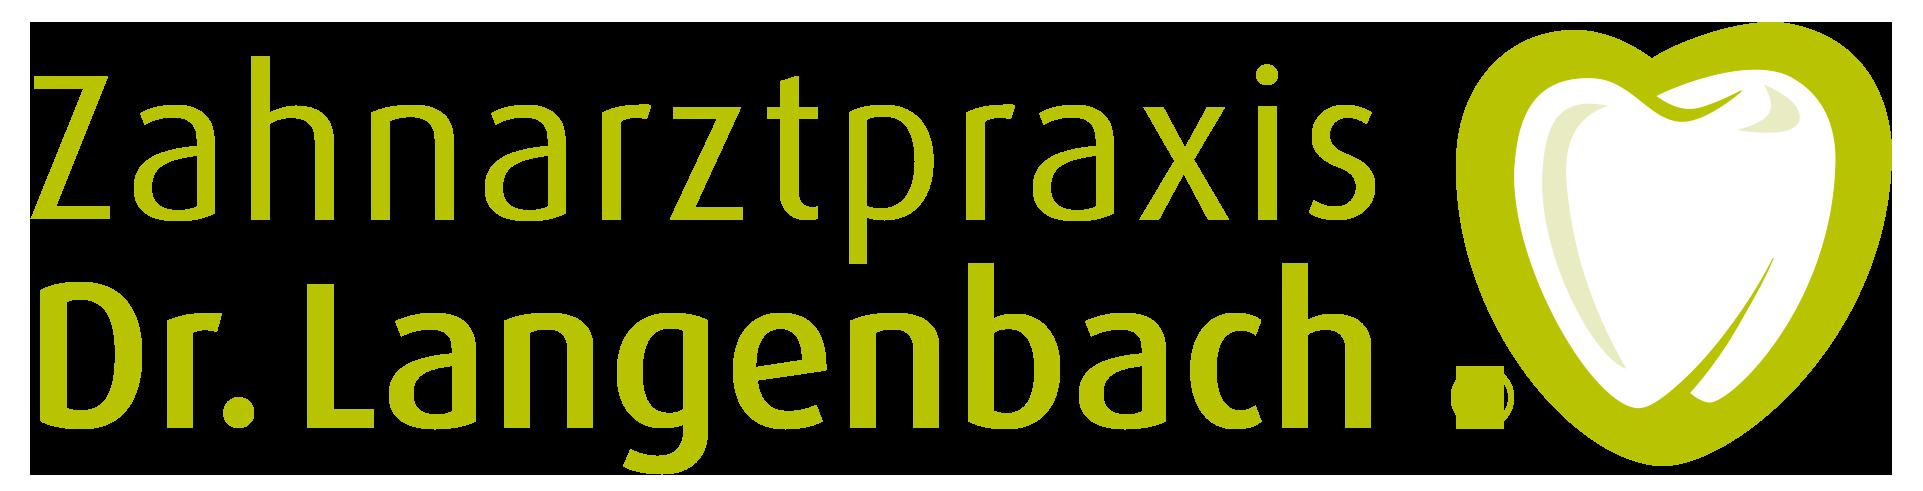 Zahnarzt Langenbach